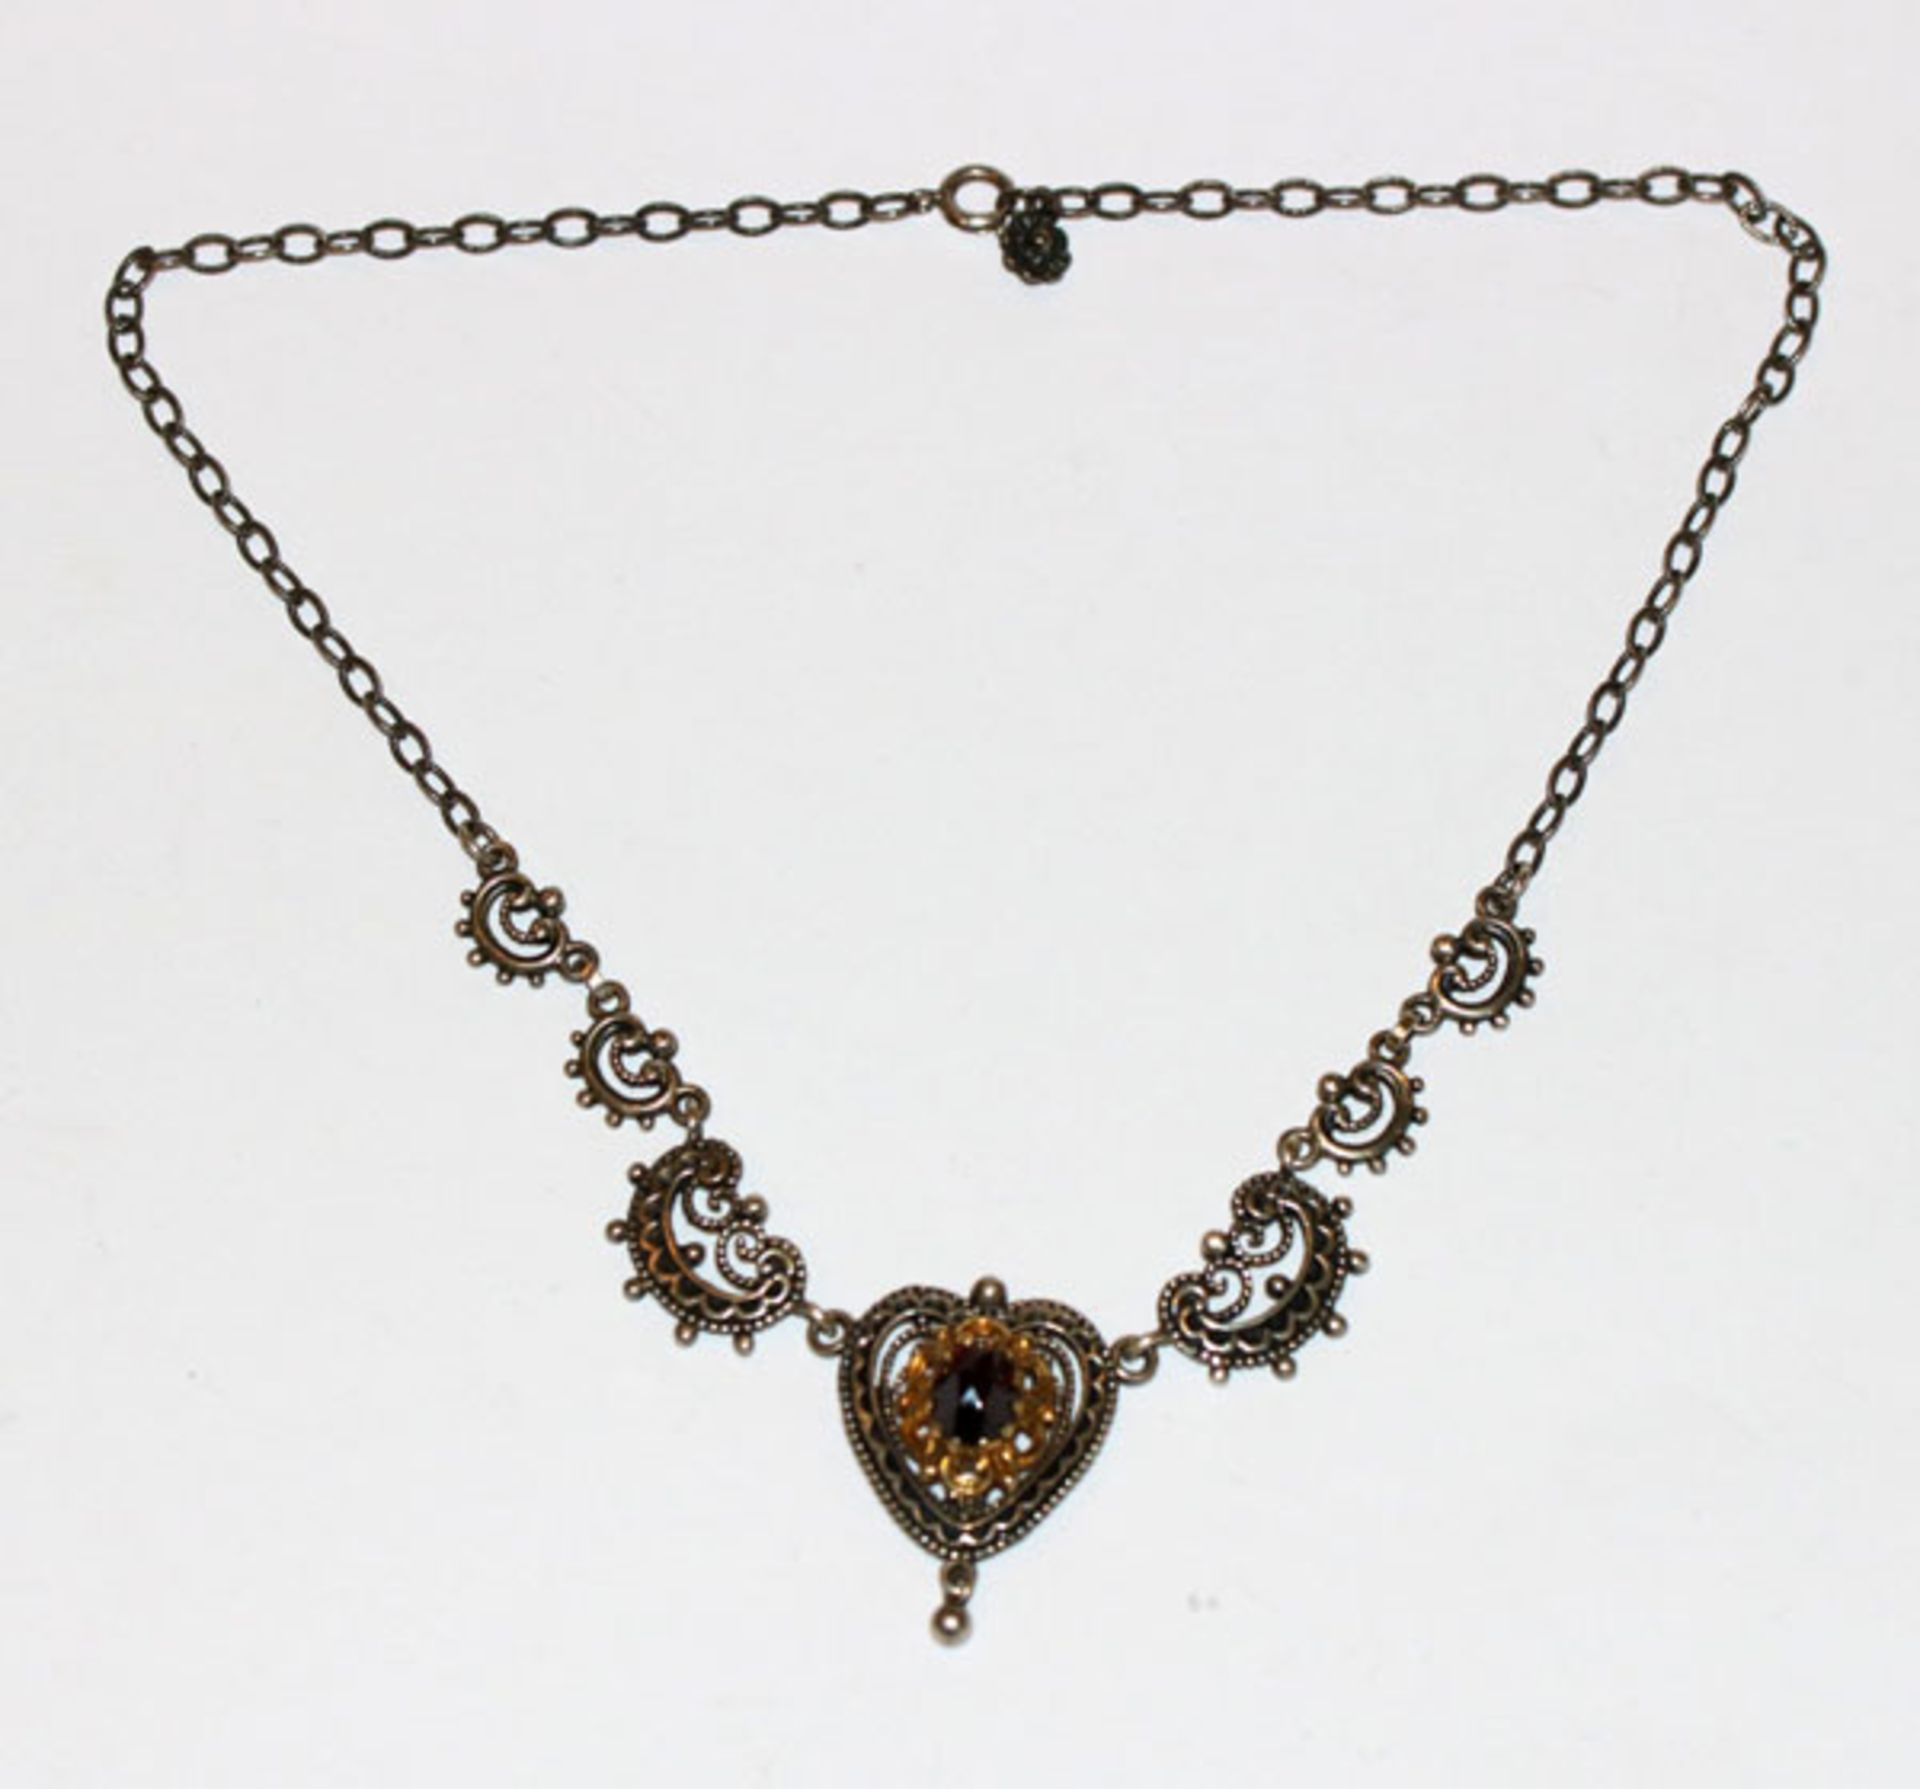 Silber Trachten-Collierkette, teils vergoldet mit Granat, L 40 cm